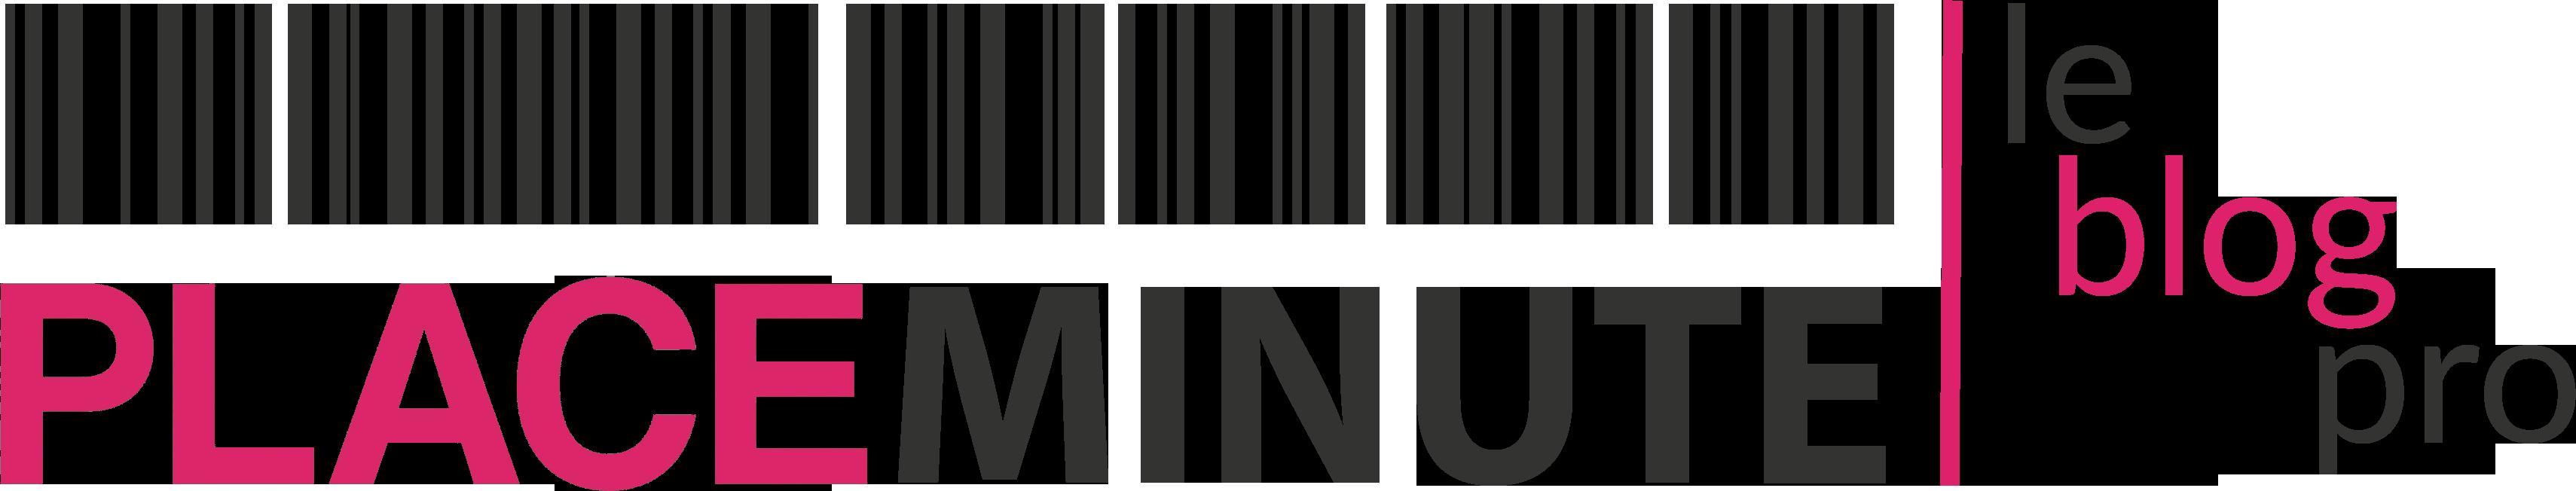 Placeminute : le Blog Pro